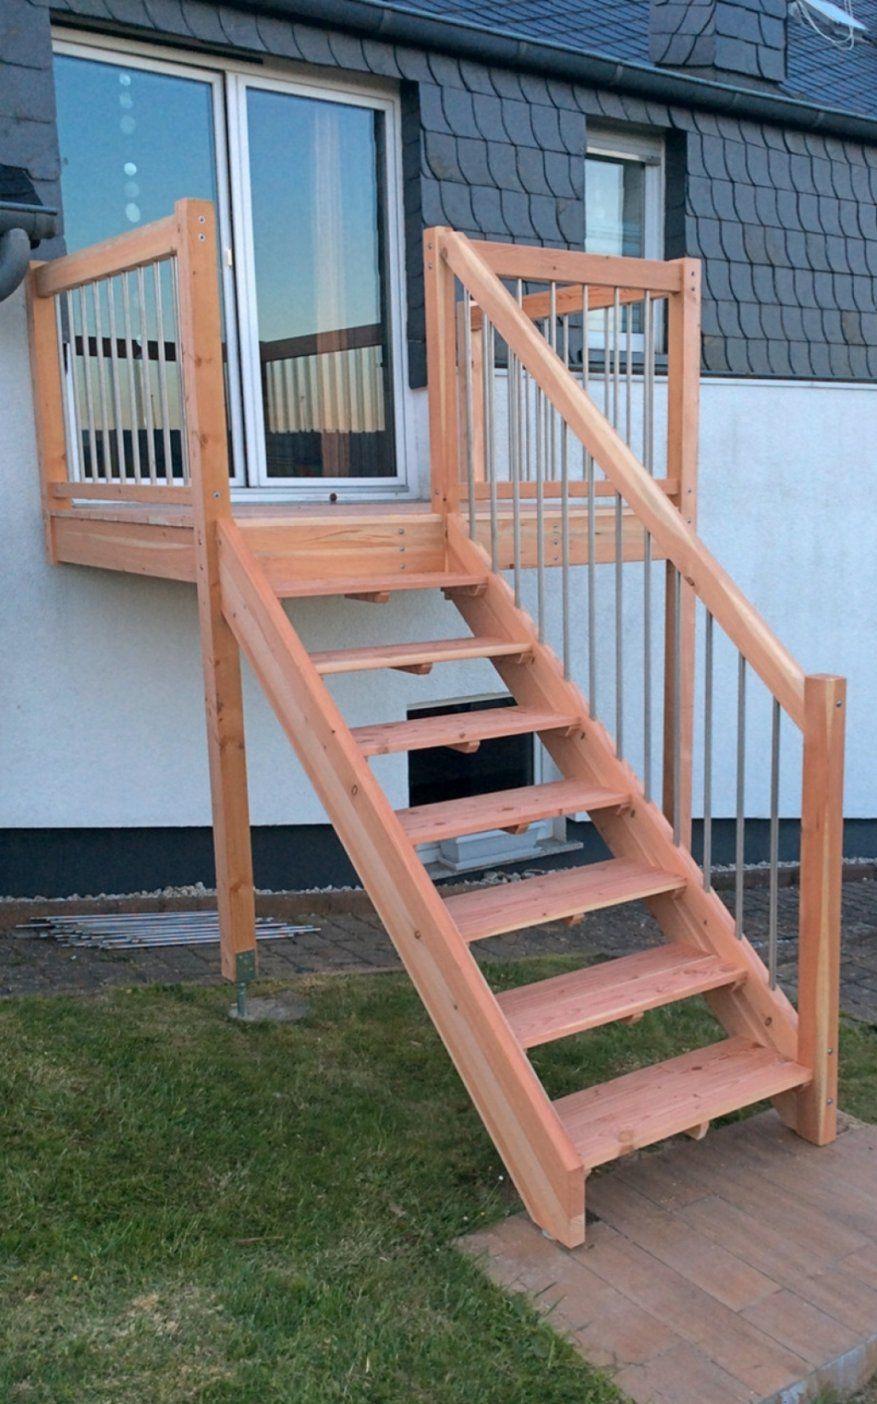 Treppe Außen Selber Bauen Bild Das Wirklich Stilvolle – Erzincanhayat von Holztreppe Außen Selber Bauen Bild